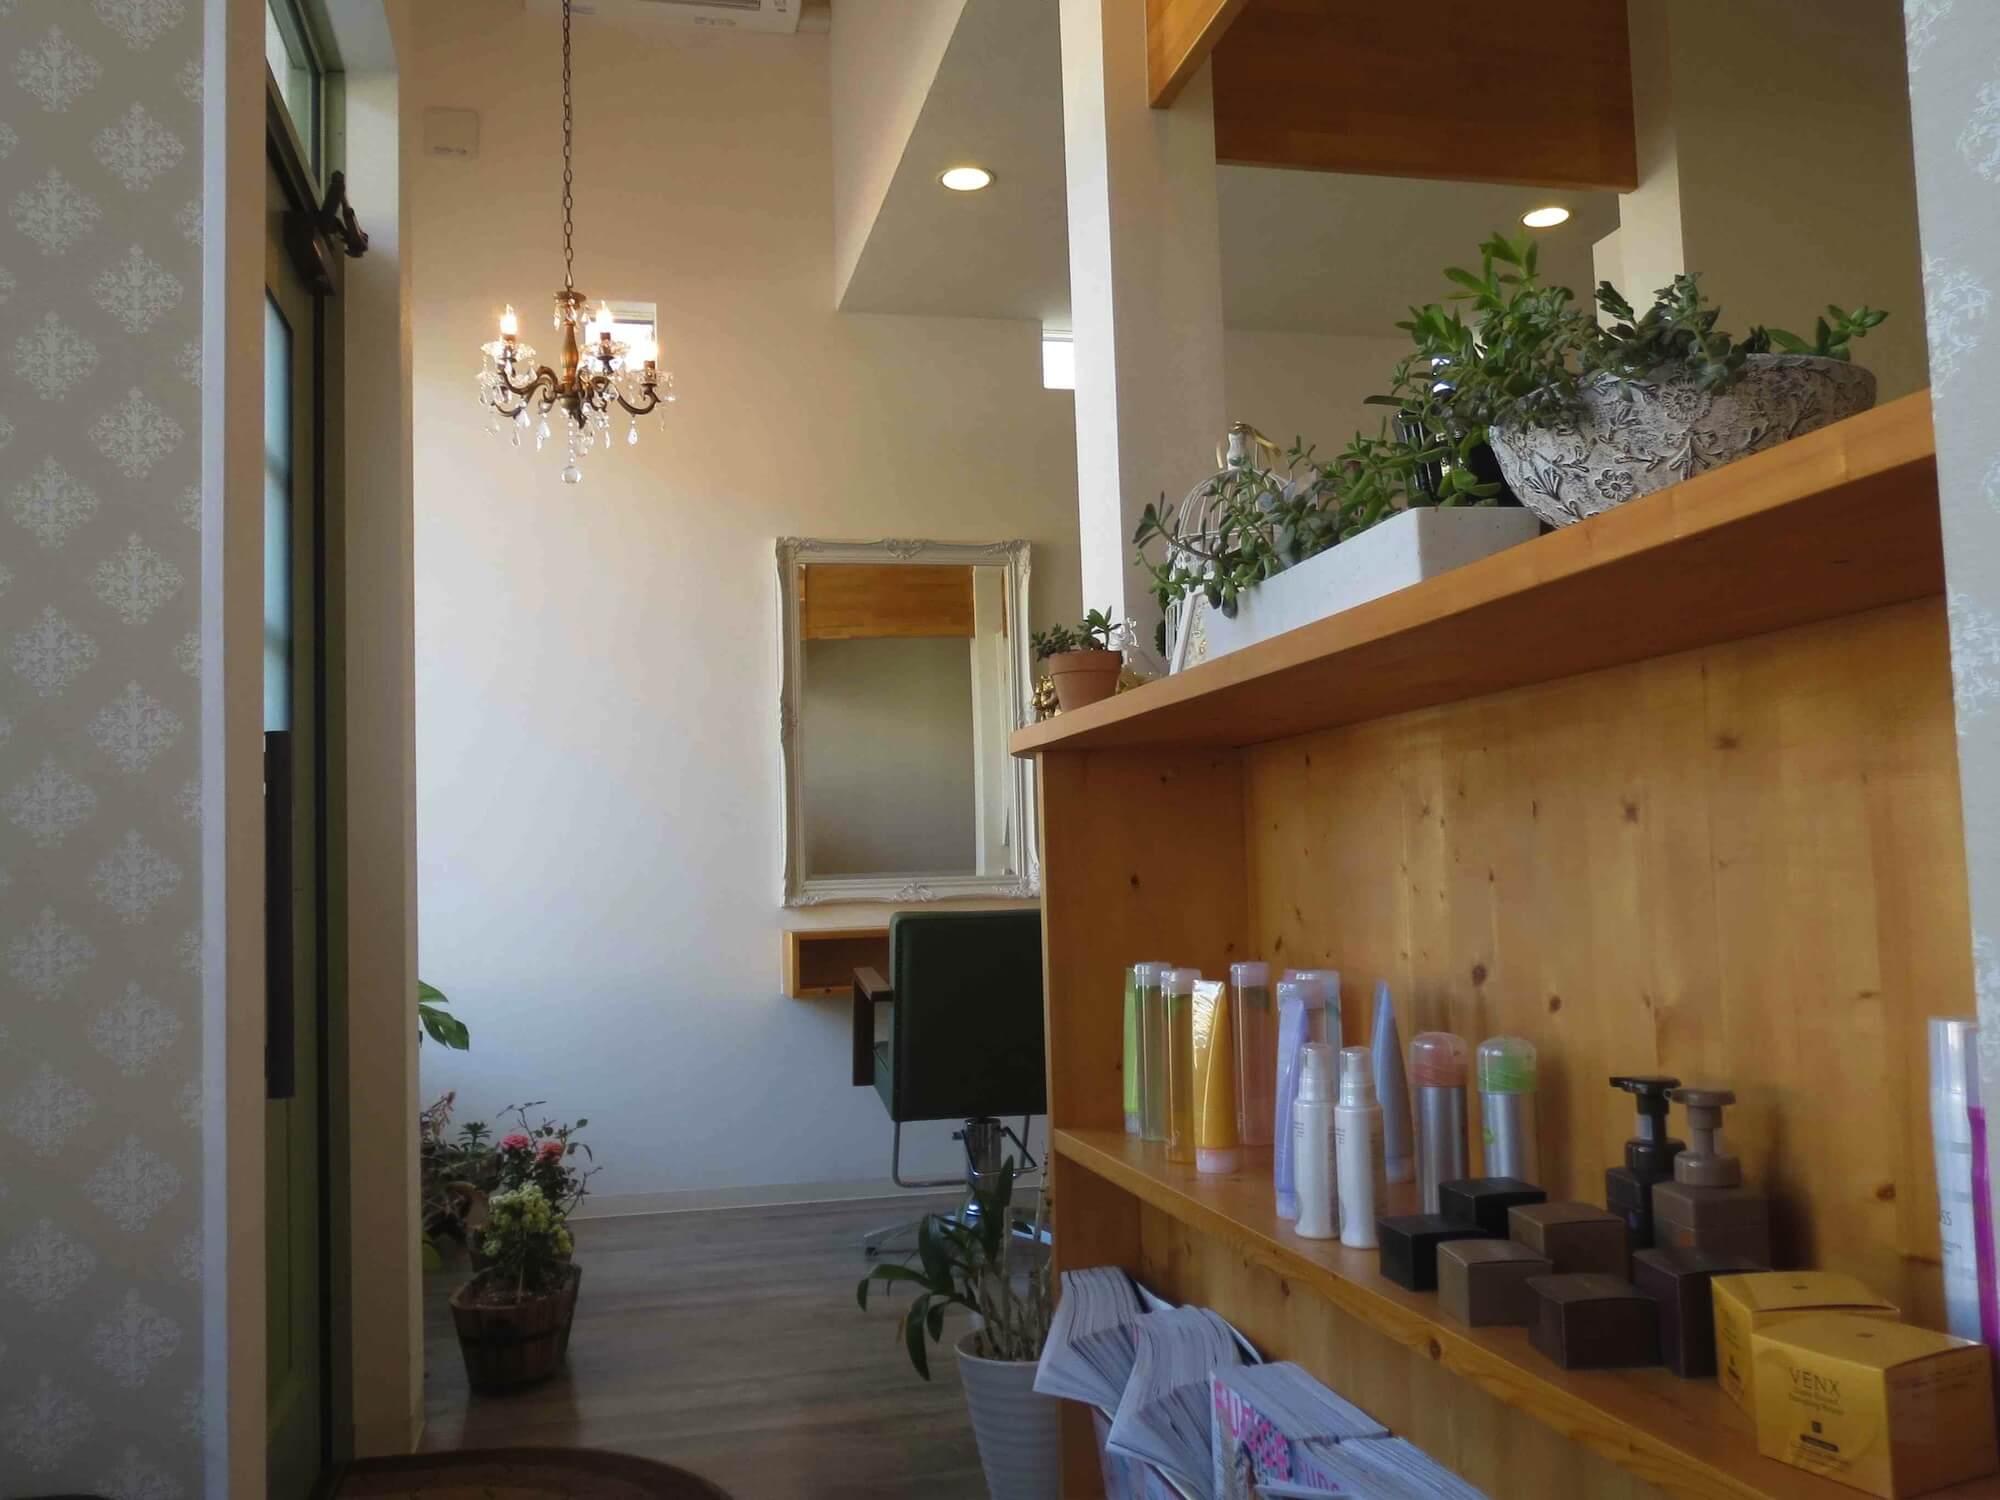 延岡市伊達町にある美容室COMFY(コンフィー)